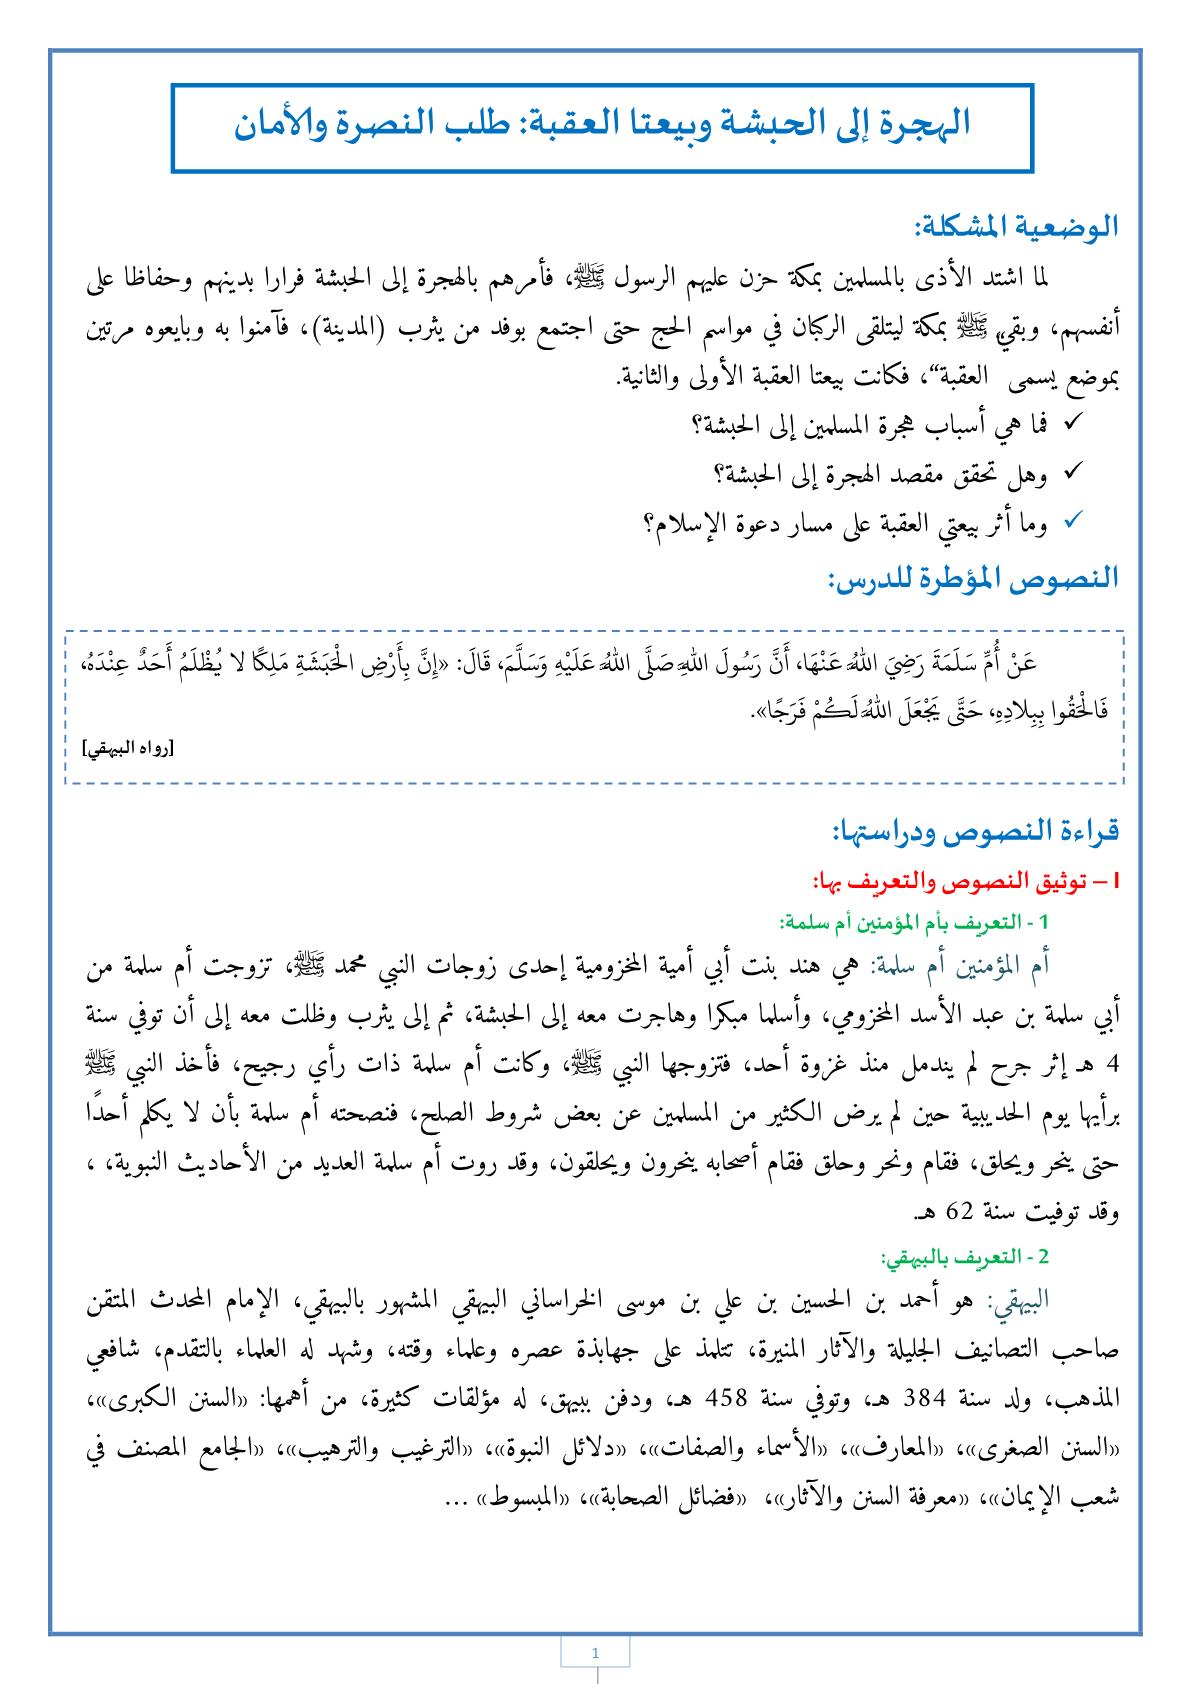 درس الهجرة إلى الحبشة وبيعتا العقبة: طلب النصرة والأمان